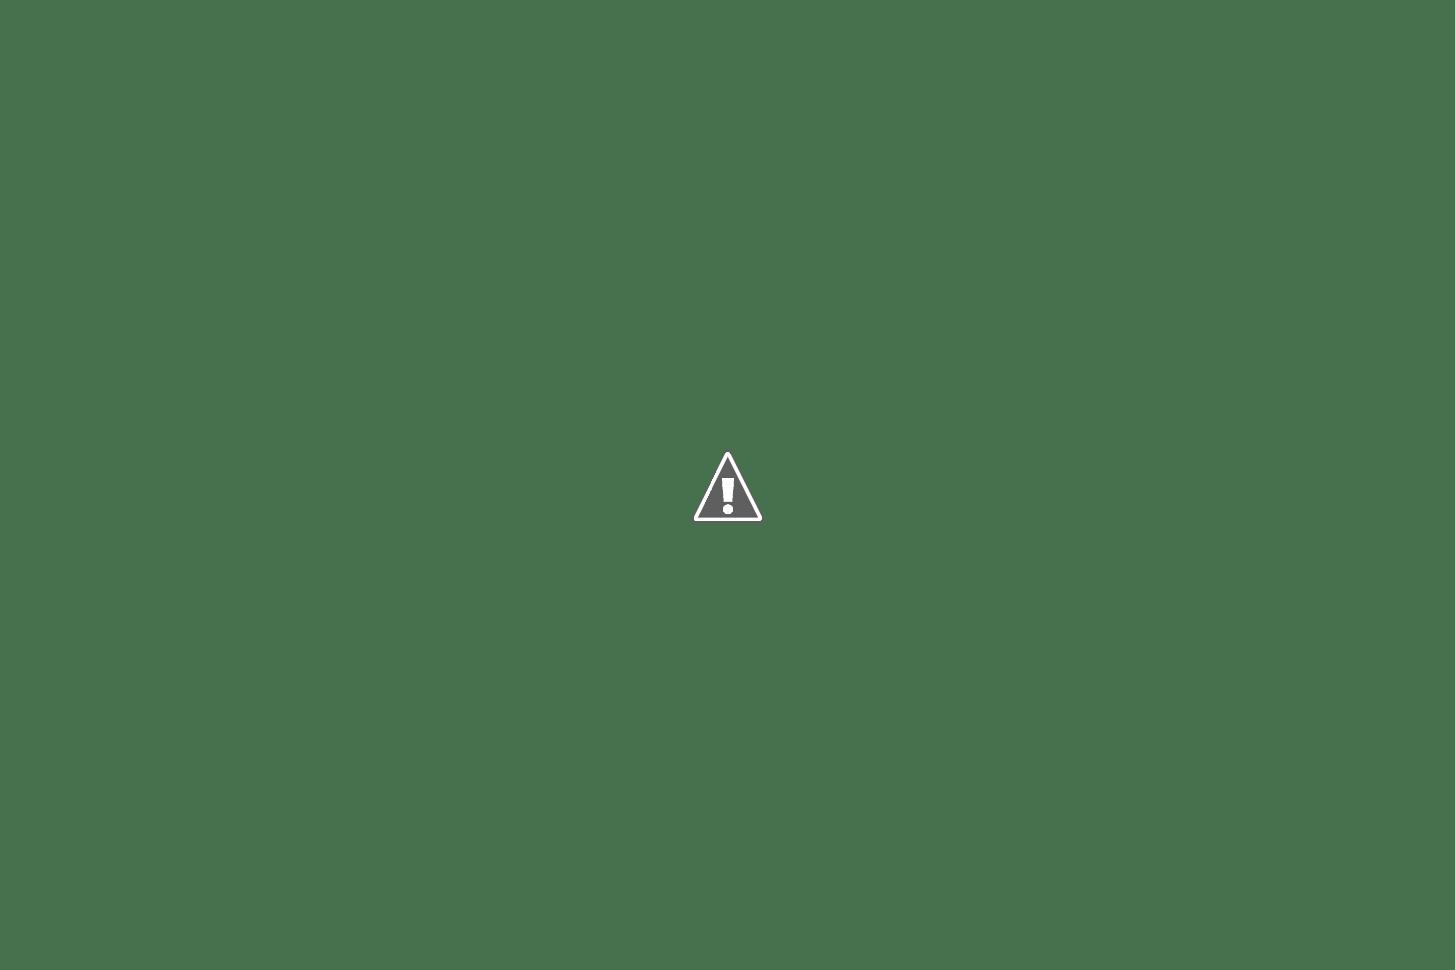 Lắp mũi khoan đuôi trụ dưới 16mm bằng đầu cặp măng ranh